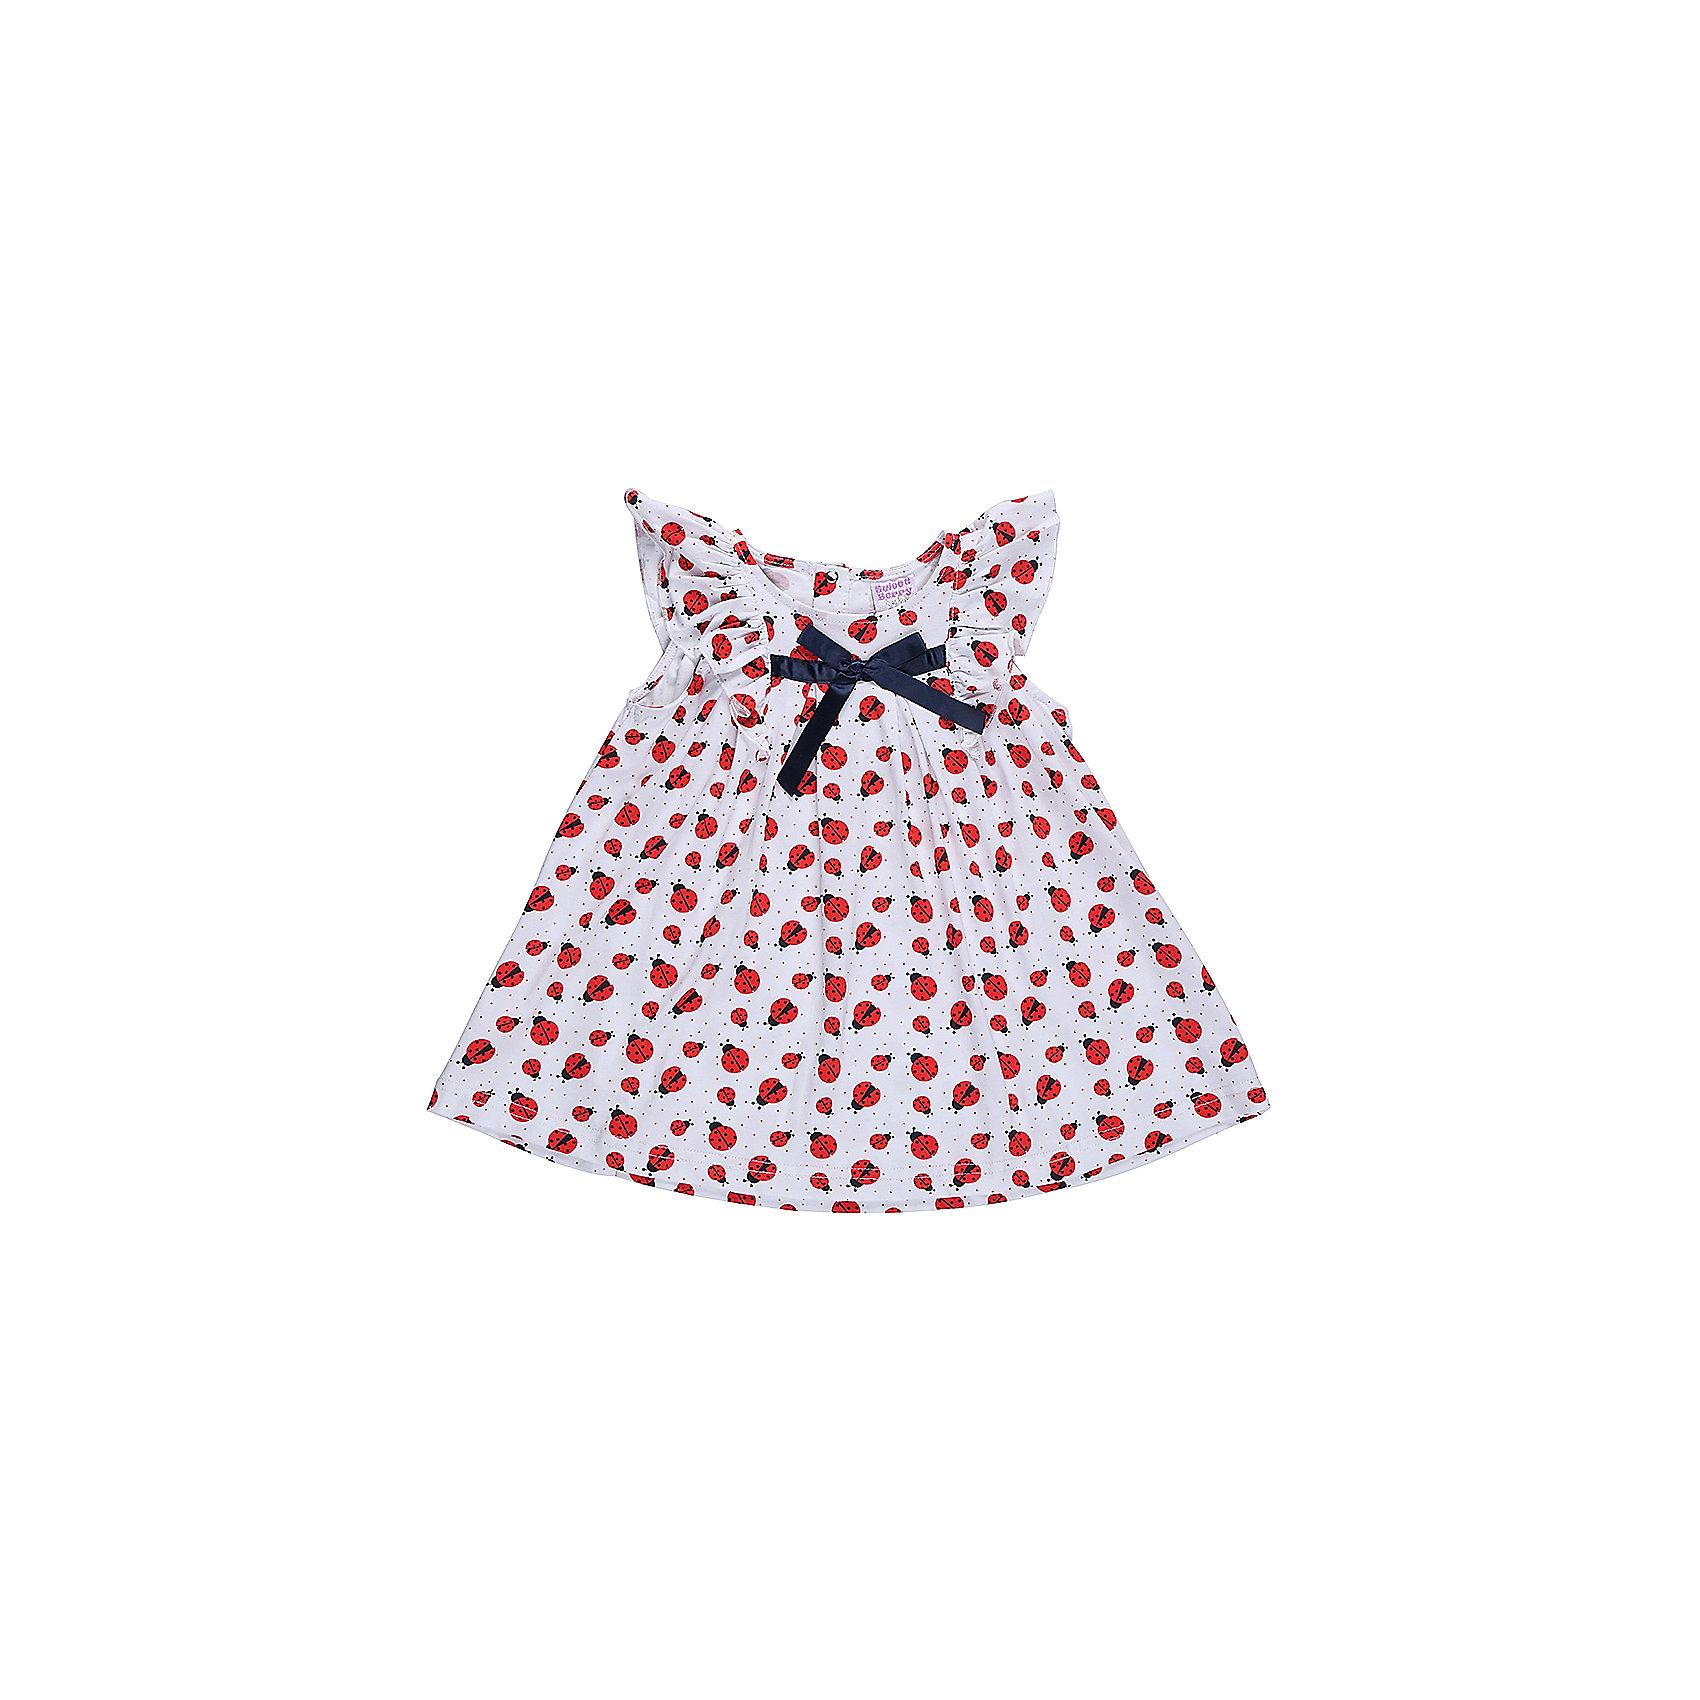 Футболка для девочки Sweet BerryОдежда<br>Хлопковое платье для девочки. Оригинальная принтованная ткань. Свободный крой.<br>Состав:<br>95%хлопок 5%эластан<br><br>Ширина мм: 199<br>Глубина мм: 10<br>Высота мм: 161<br>Вес г: 151<br>Цвет: разноцветный<br>Возраст от месяцев: 24<br>Возраст до месяцев: 36<br>Пол: Женский<br>Возраст: Детский<br>Размер: 98,80,86,92<br>SKU: 5411023